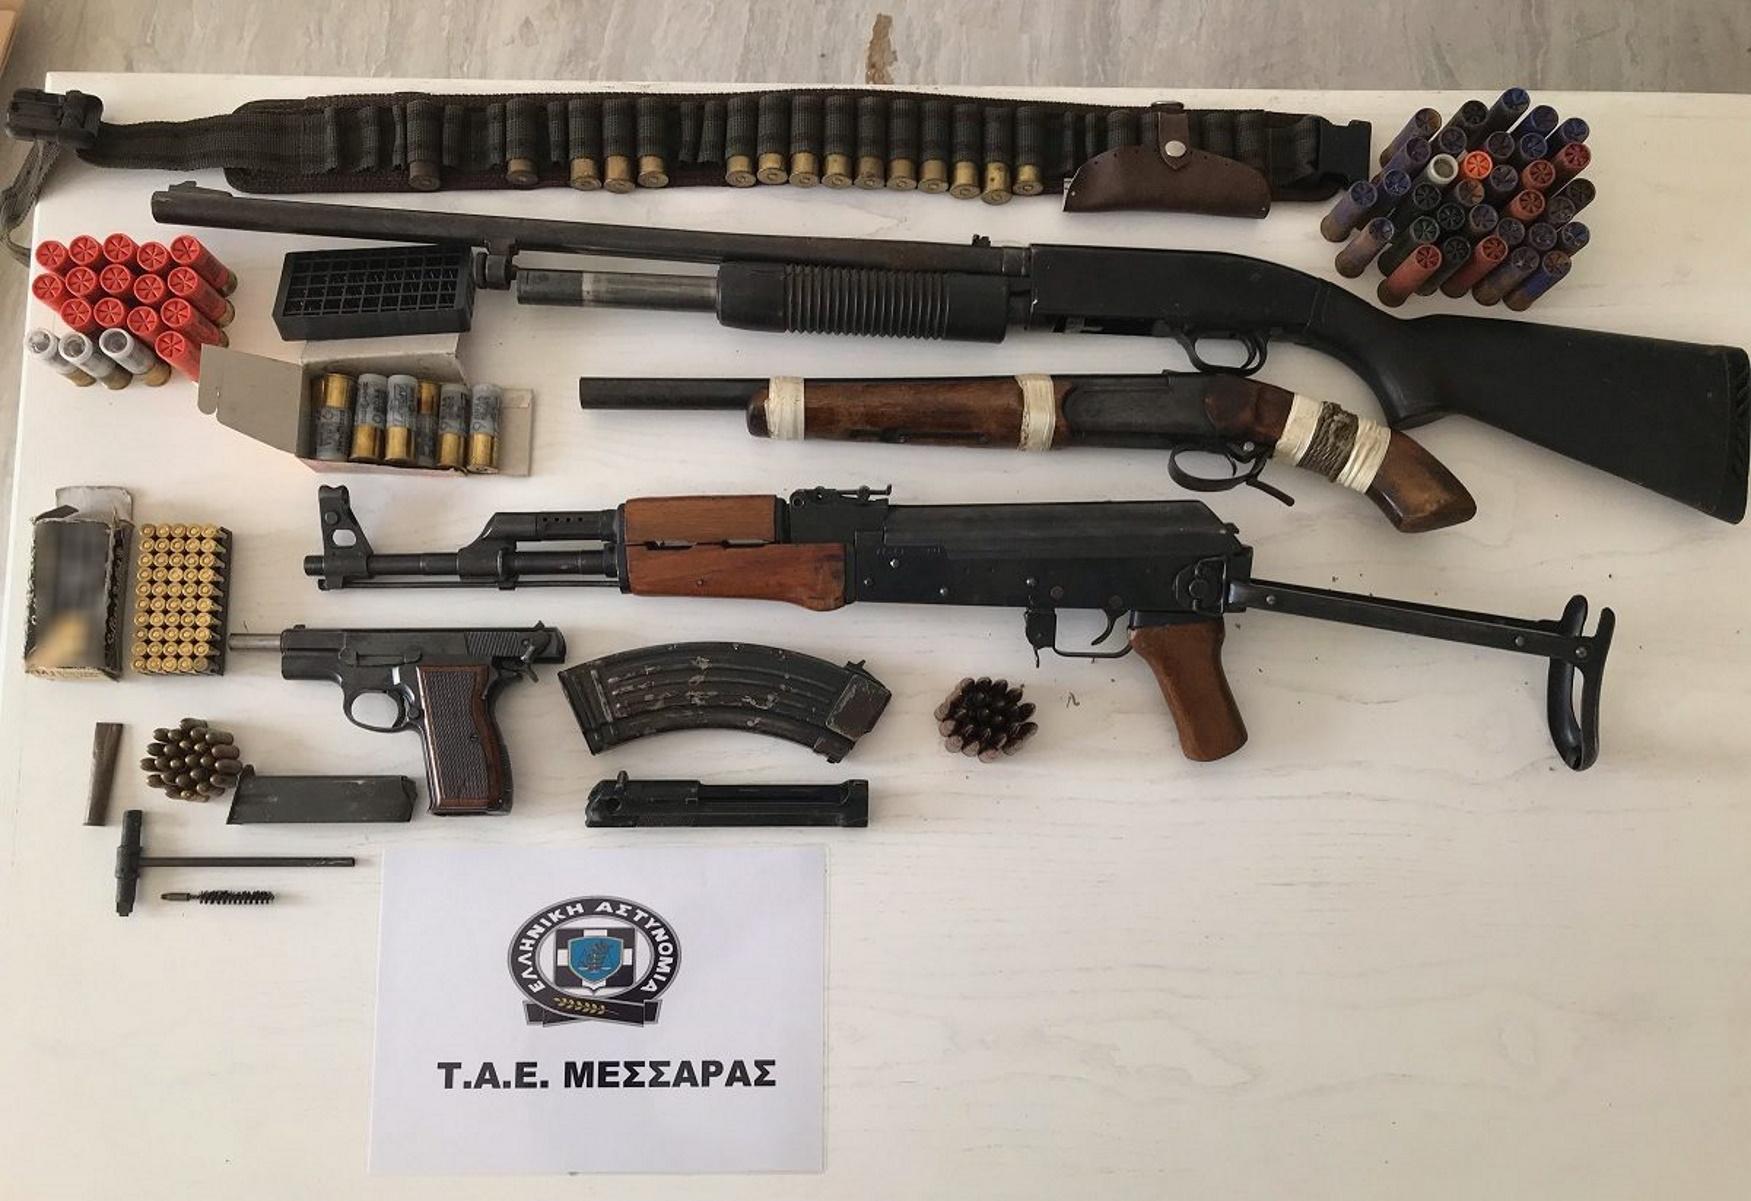 Κρήτη: Το μαντρί έκρυβε καλάσνικοφ, πιστόλια, καραμπίνες και εκατοντάδες σφαίρες (pic)